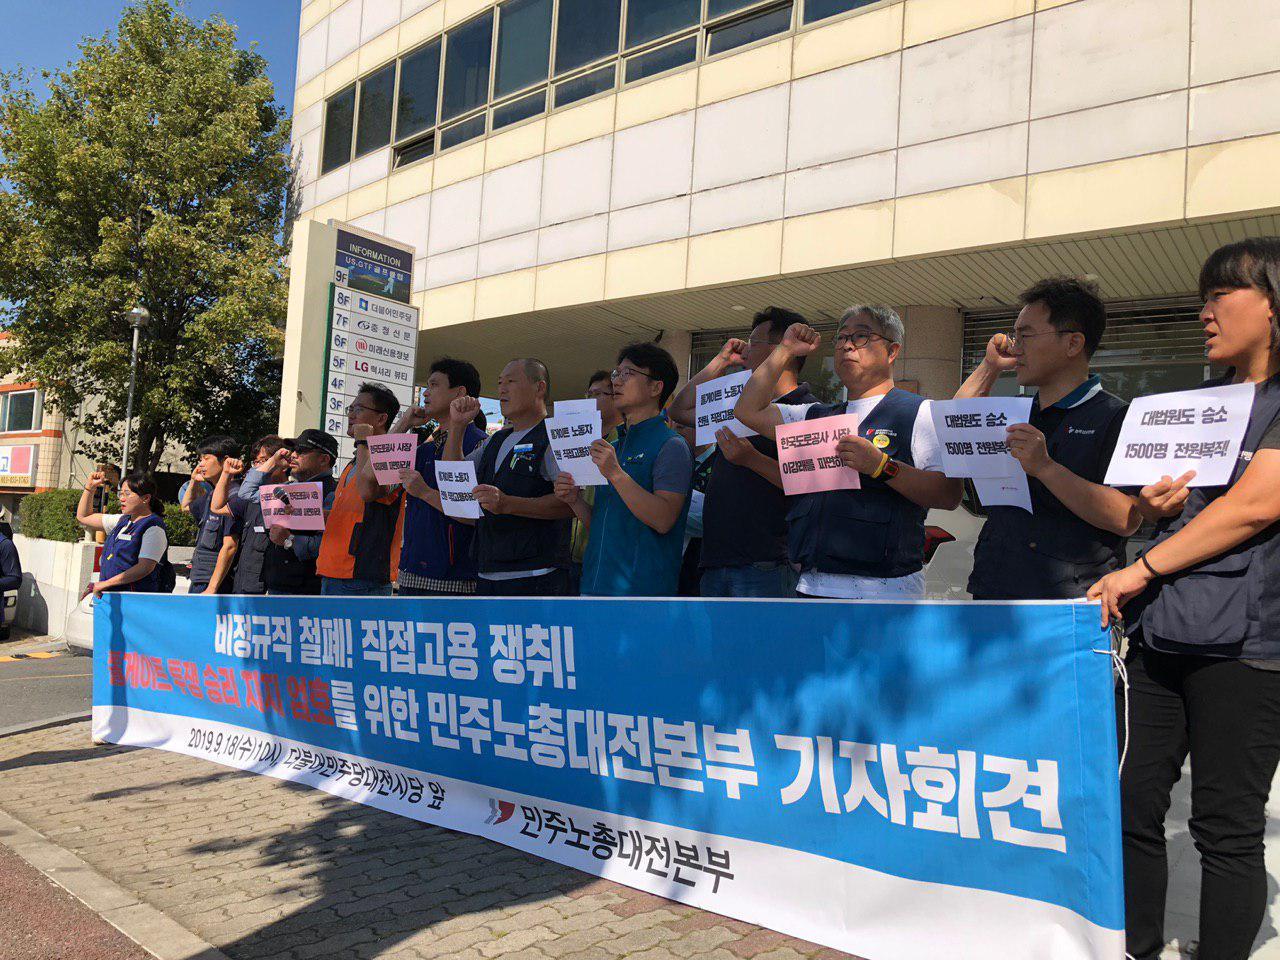 비정규직 철폐/직접고용 쟁취/한국도로공사 이강래 사장 파면 촉구 기자회견